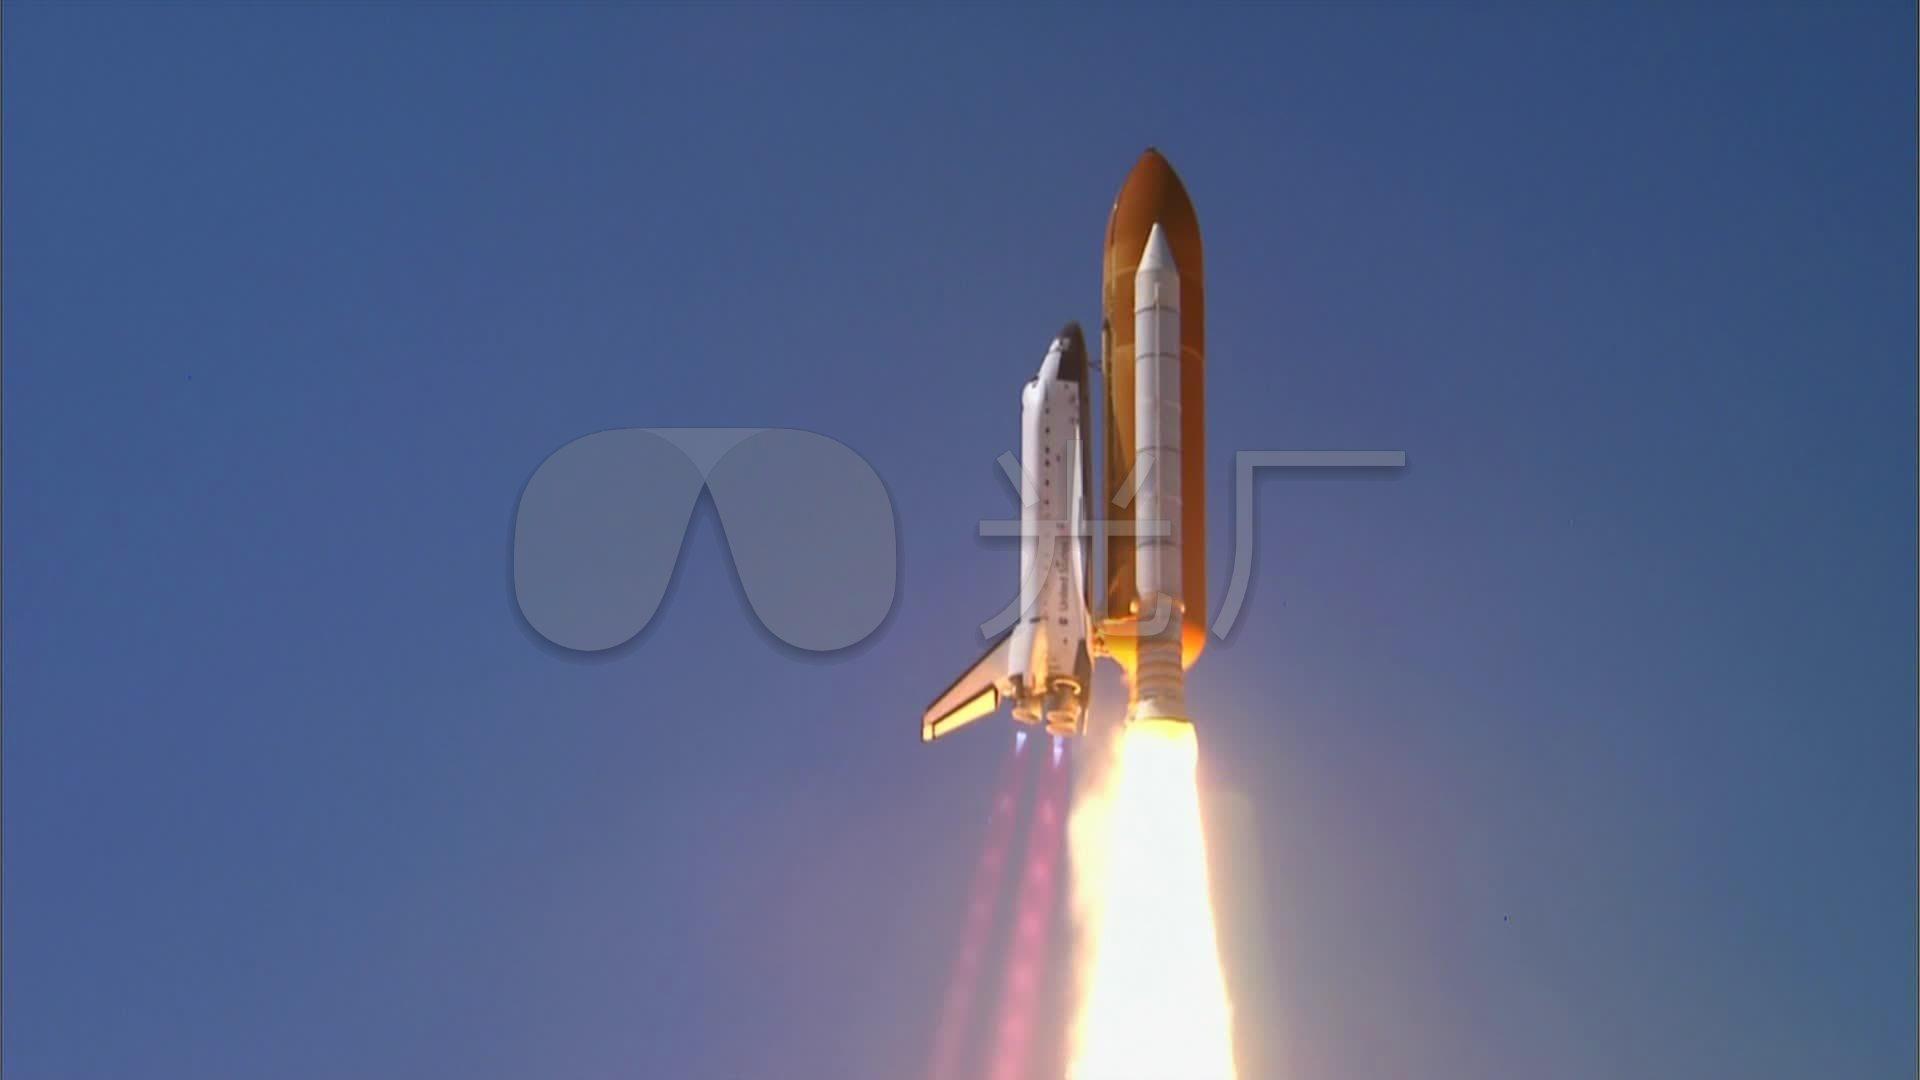 航天飞机起飞发射_1920x1080_高清视频素材下载(编号